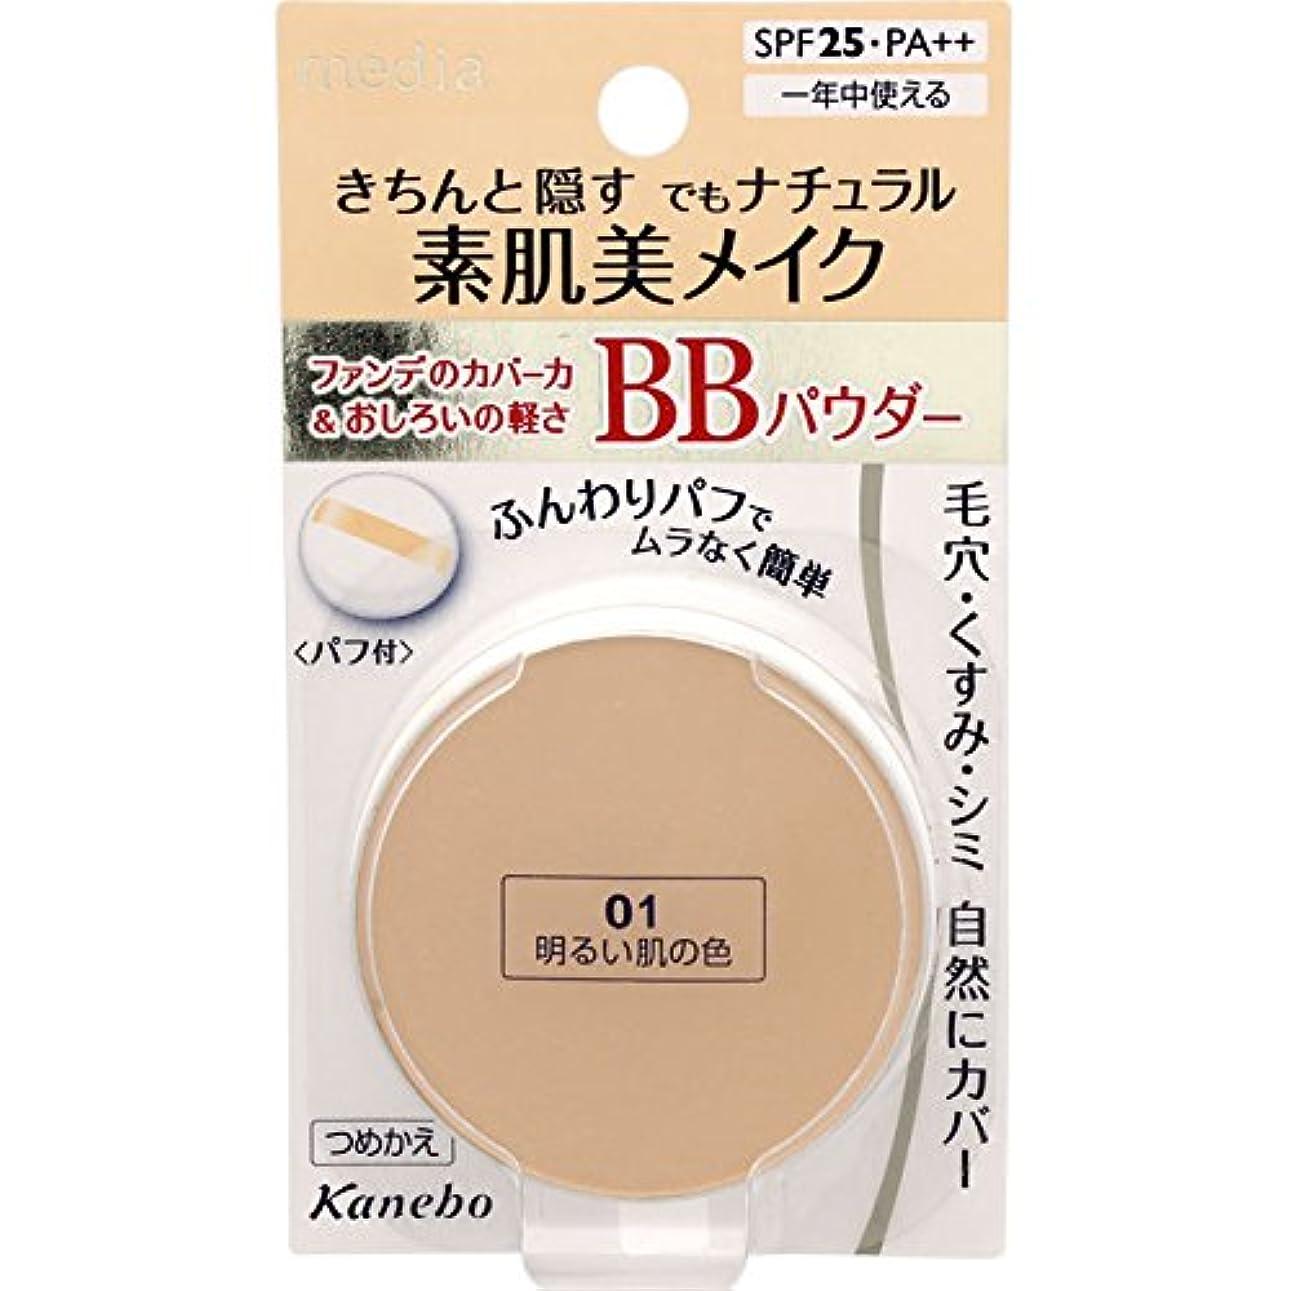 博物館所持サーバメディアBBパウダー01(明るい肌の色)×3